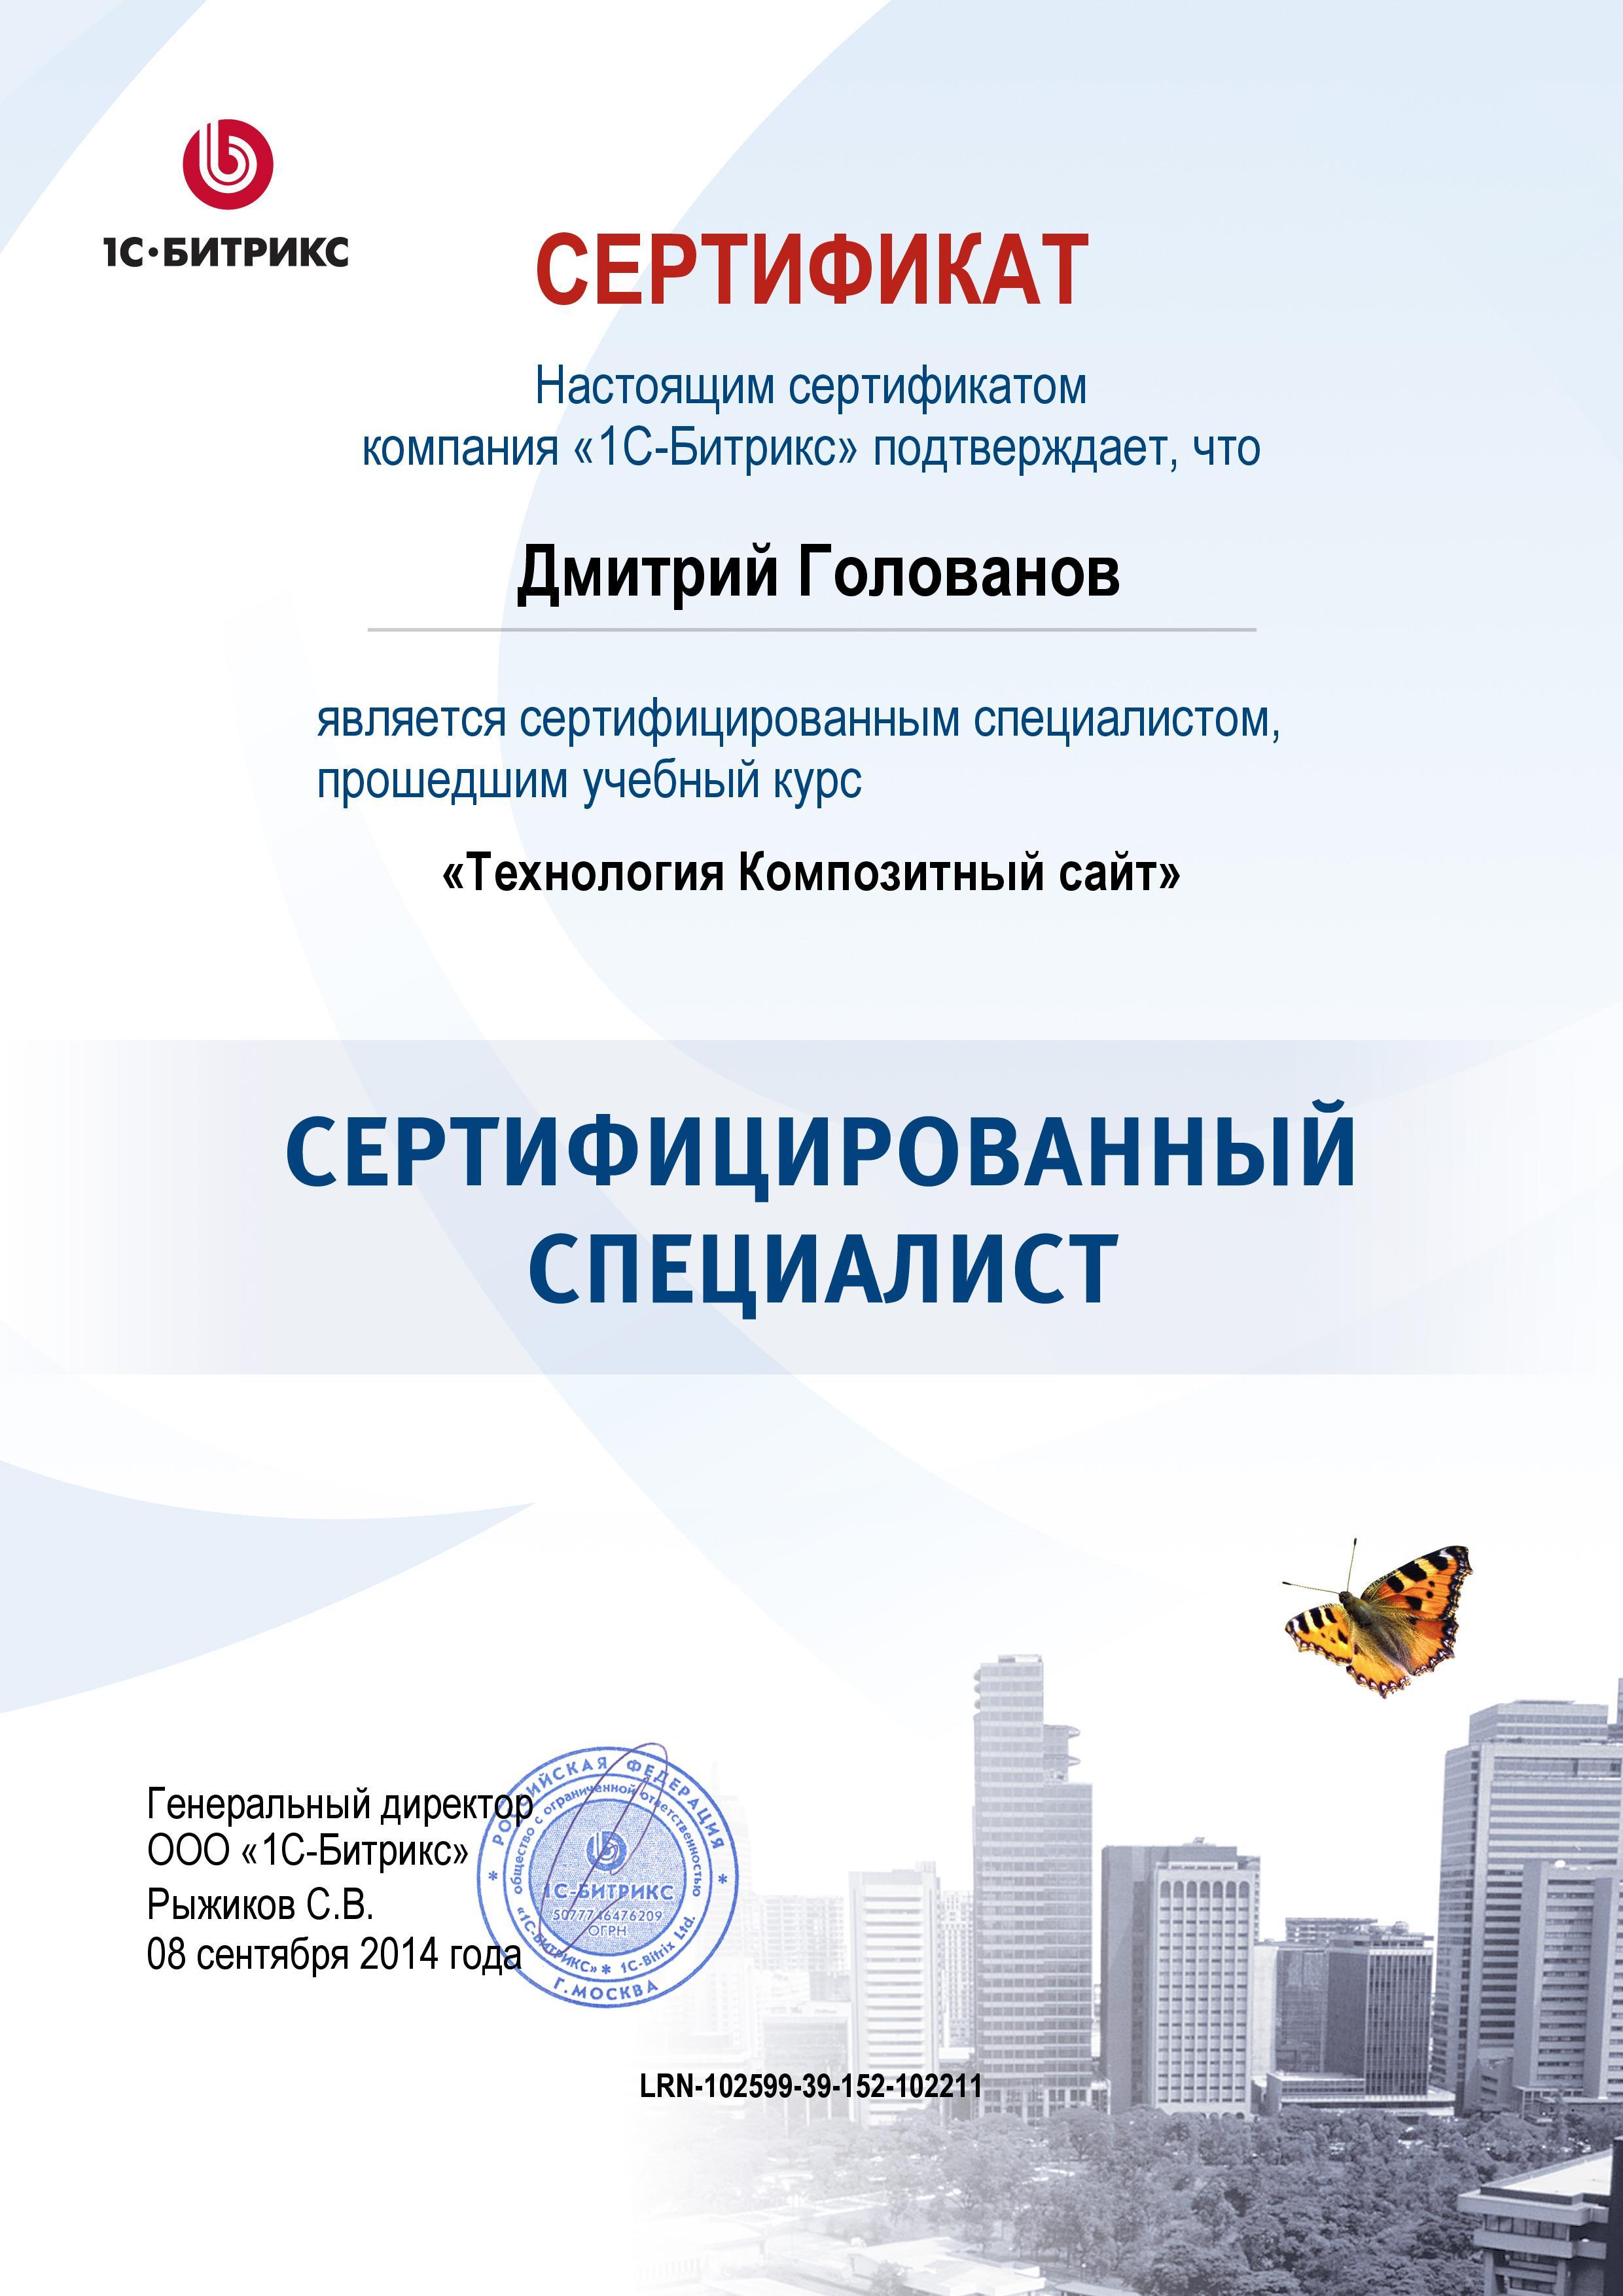 Сертификация: Технология Композитный сайт